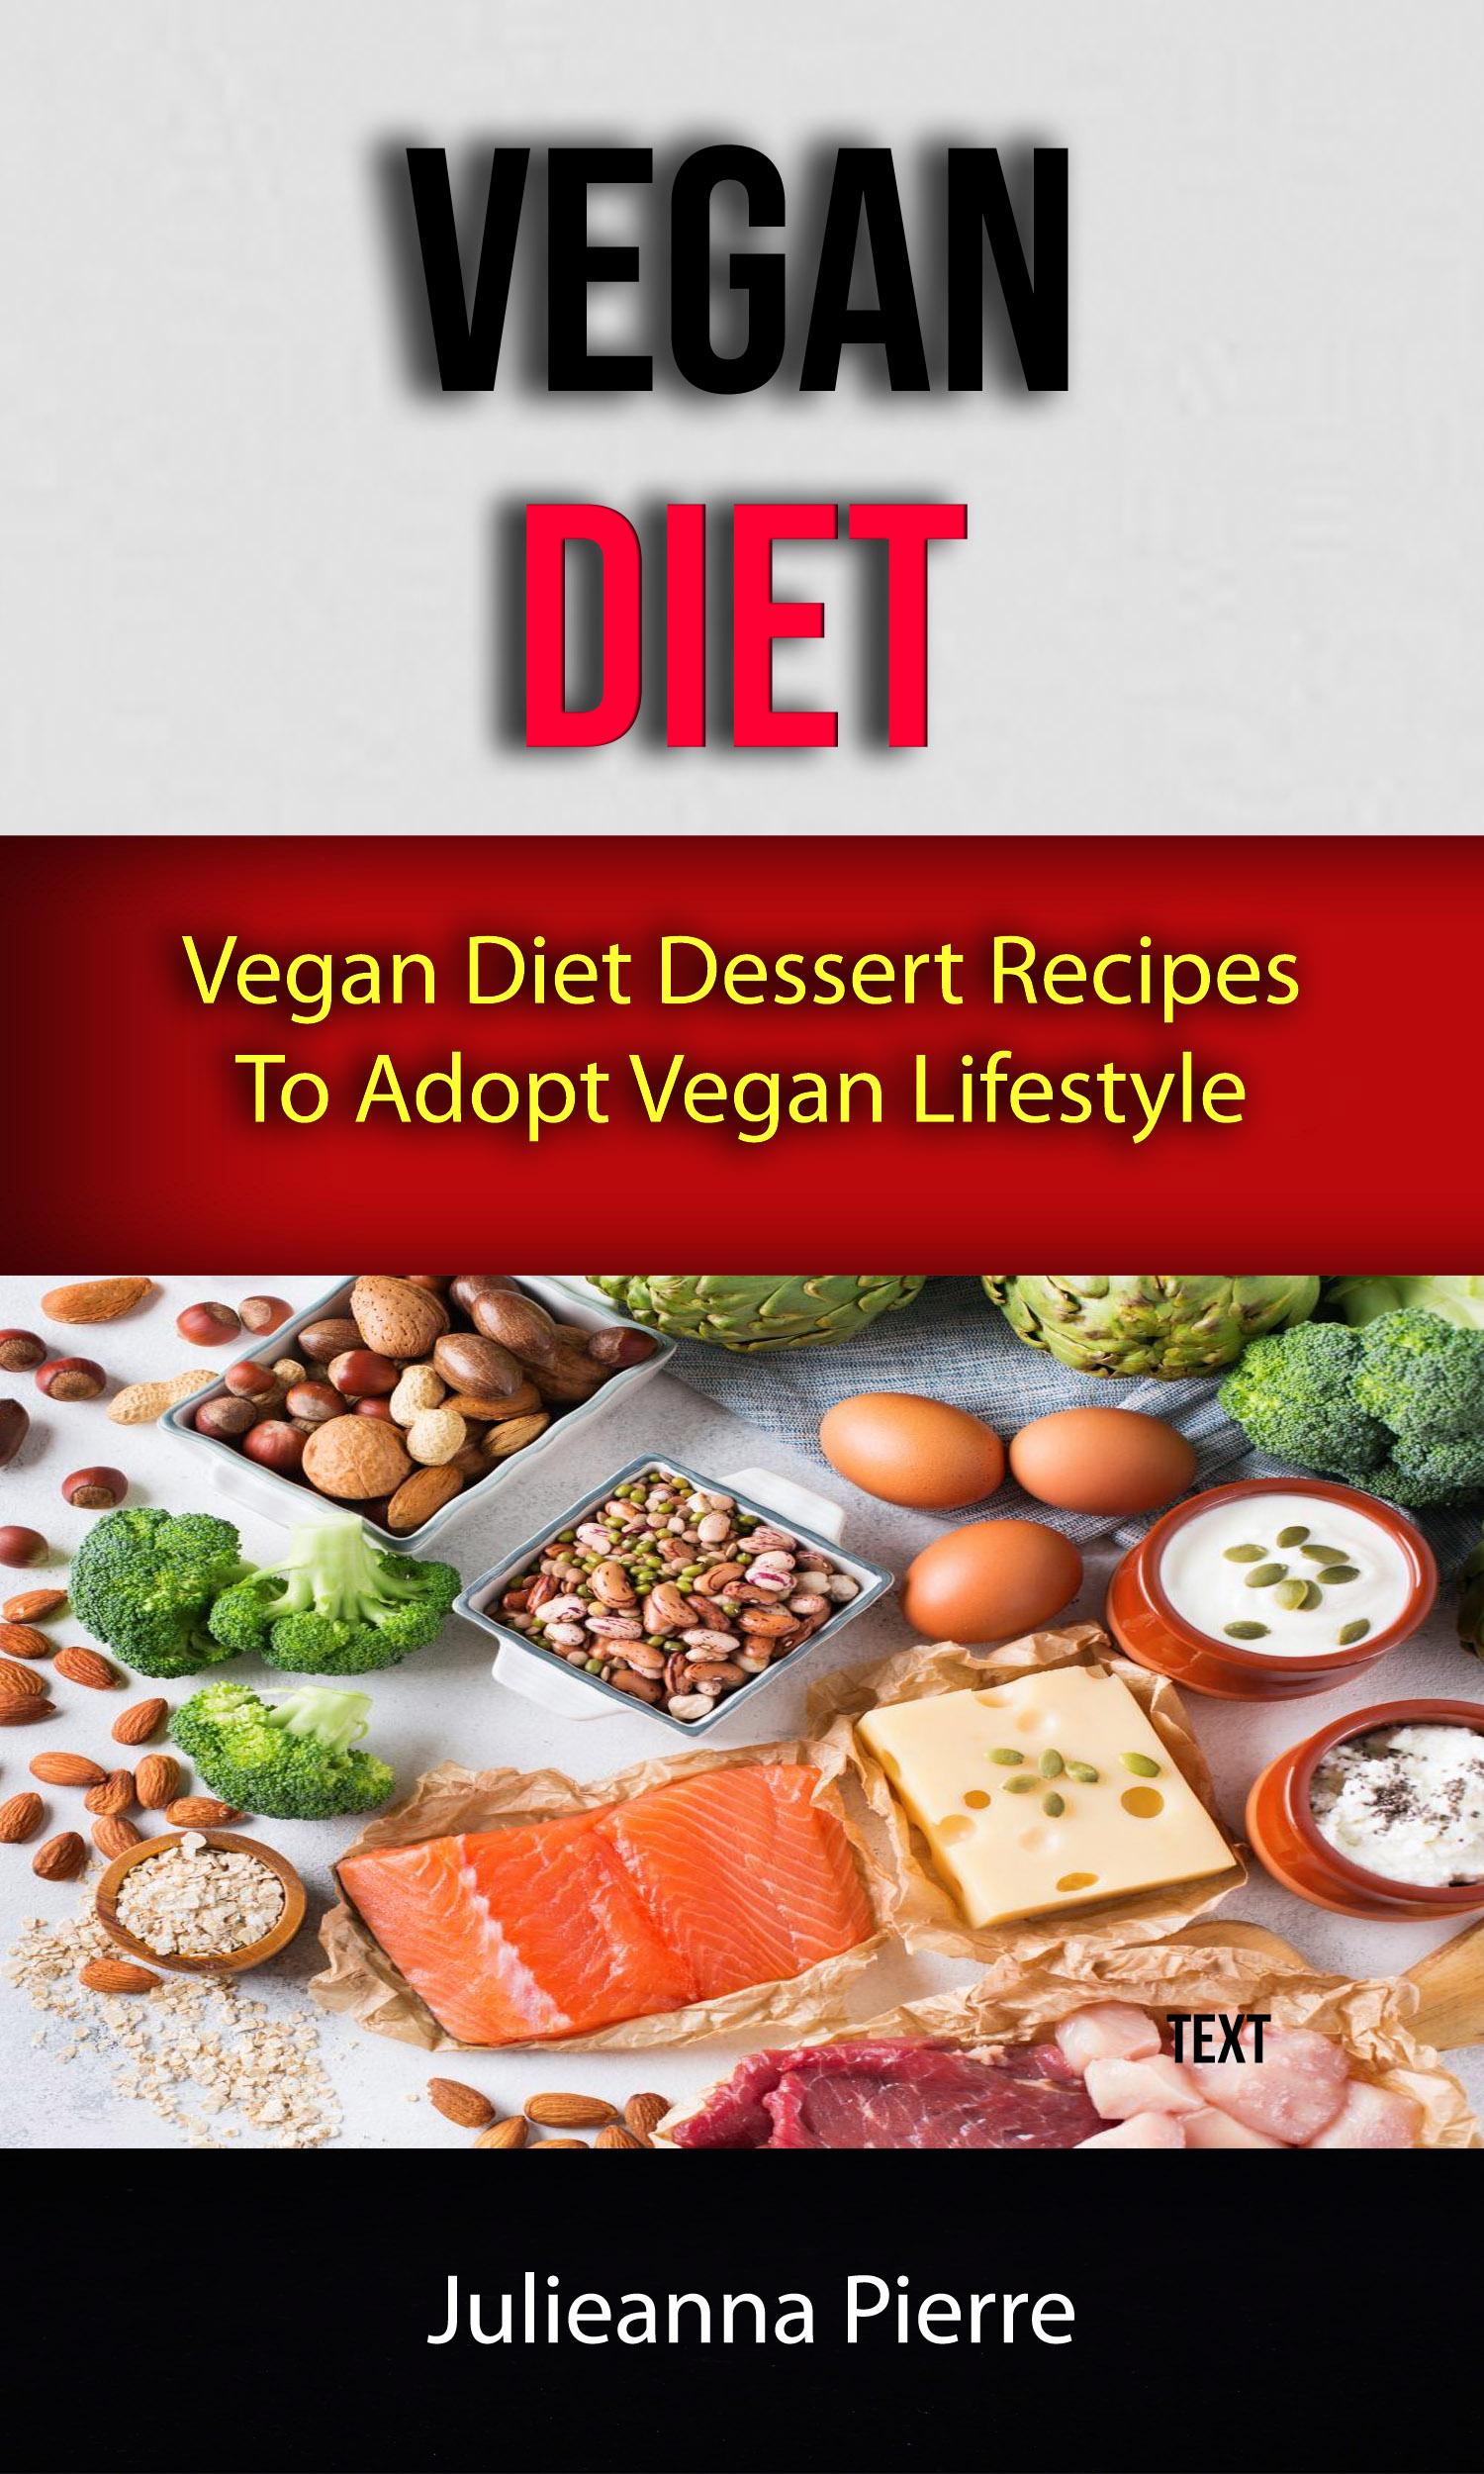 Vegan diet: vegan diet dessert recipes to adopt vegan lifestyle